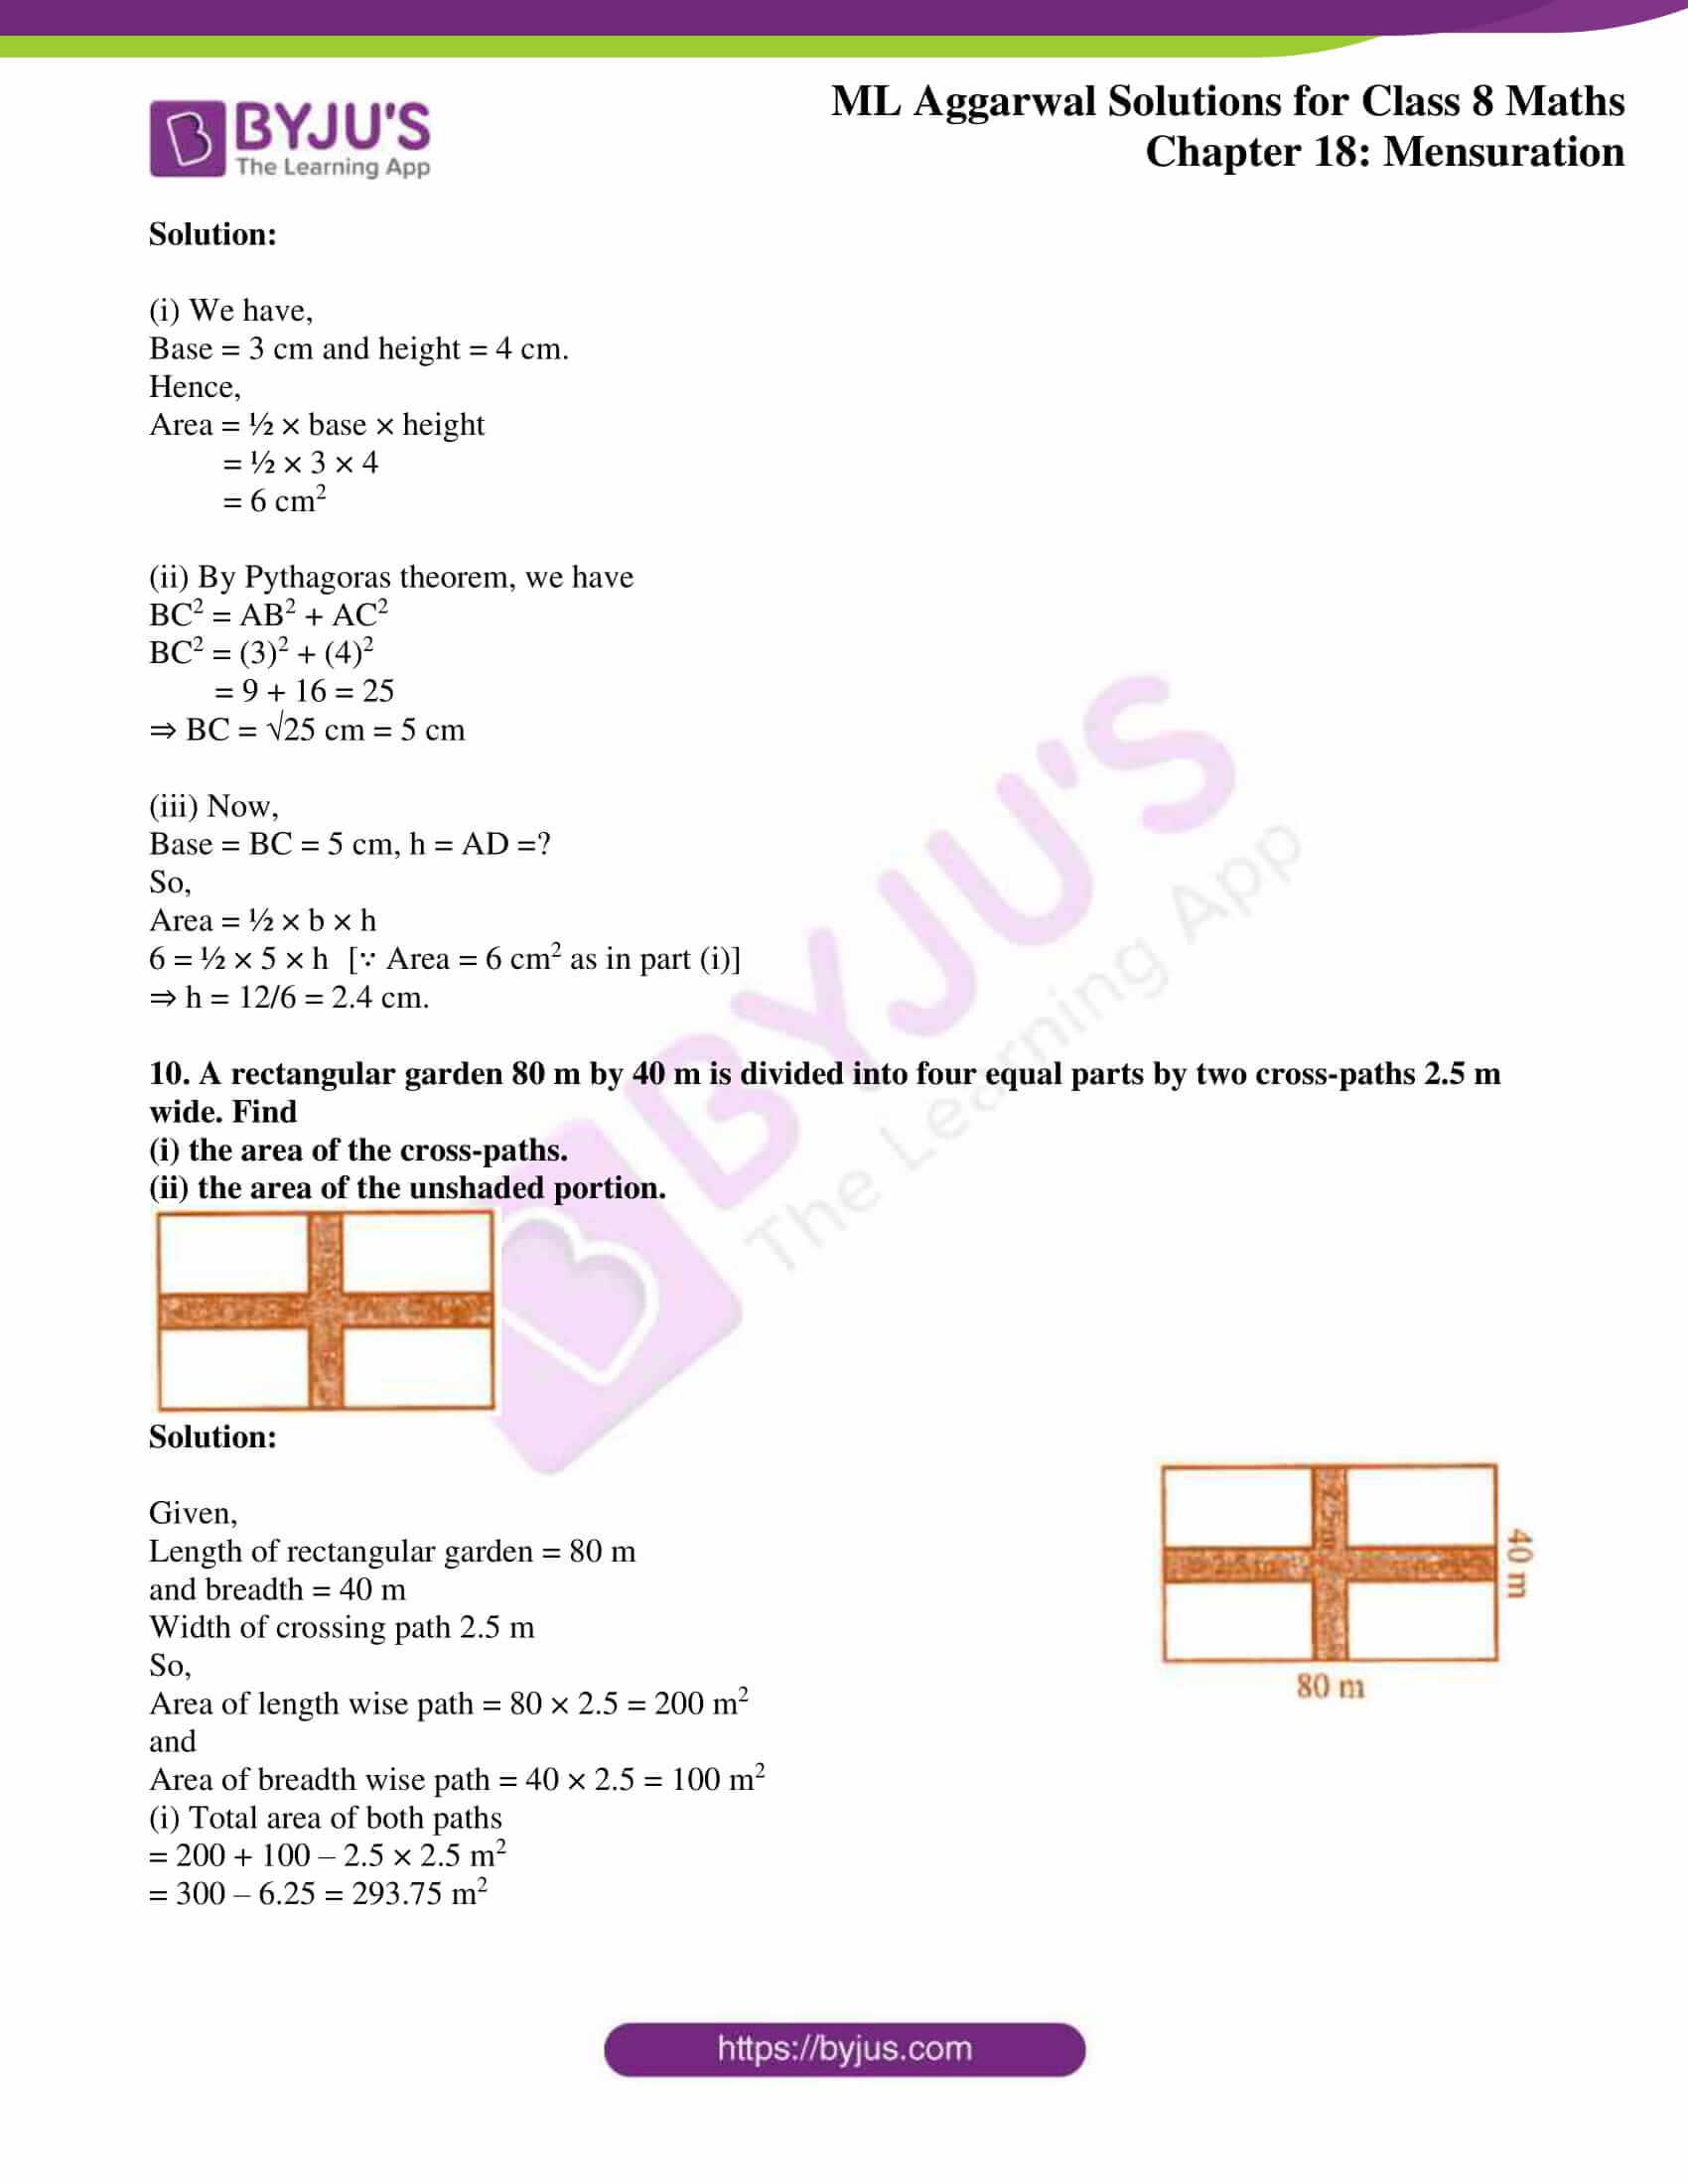 ml aggarwal sol mathematics class 8 ch 18 05